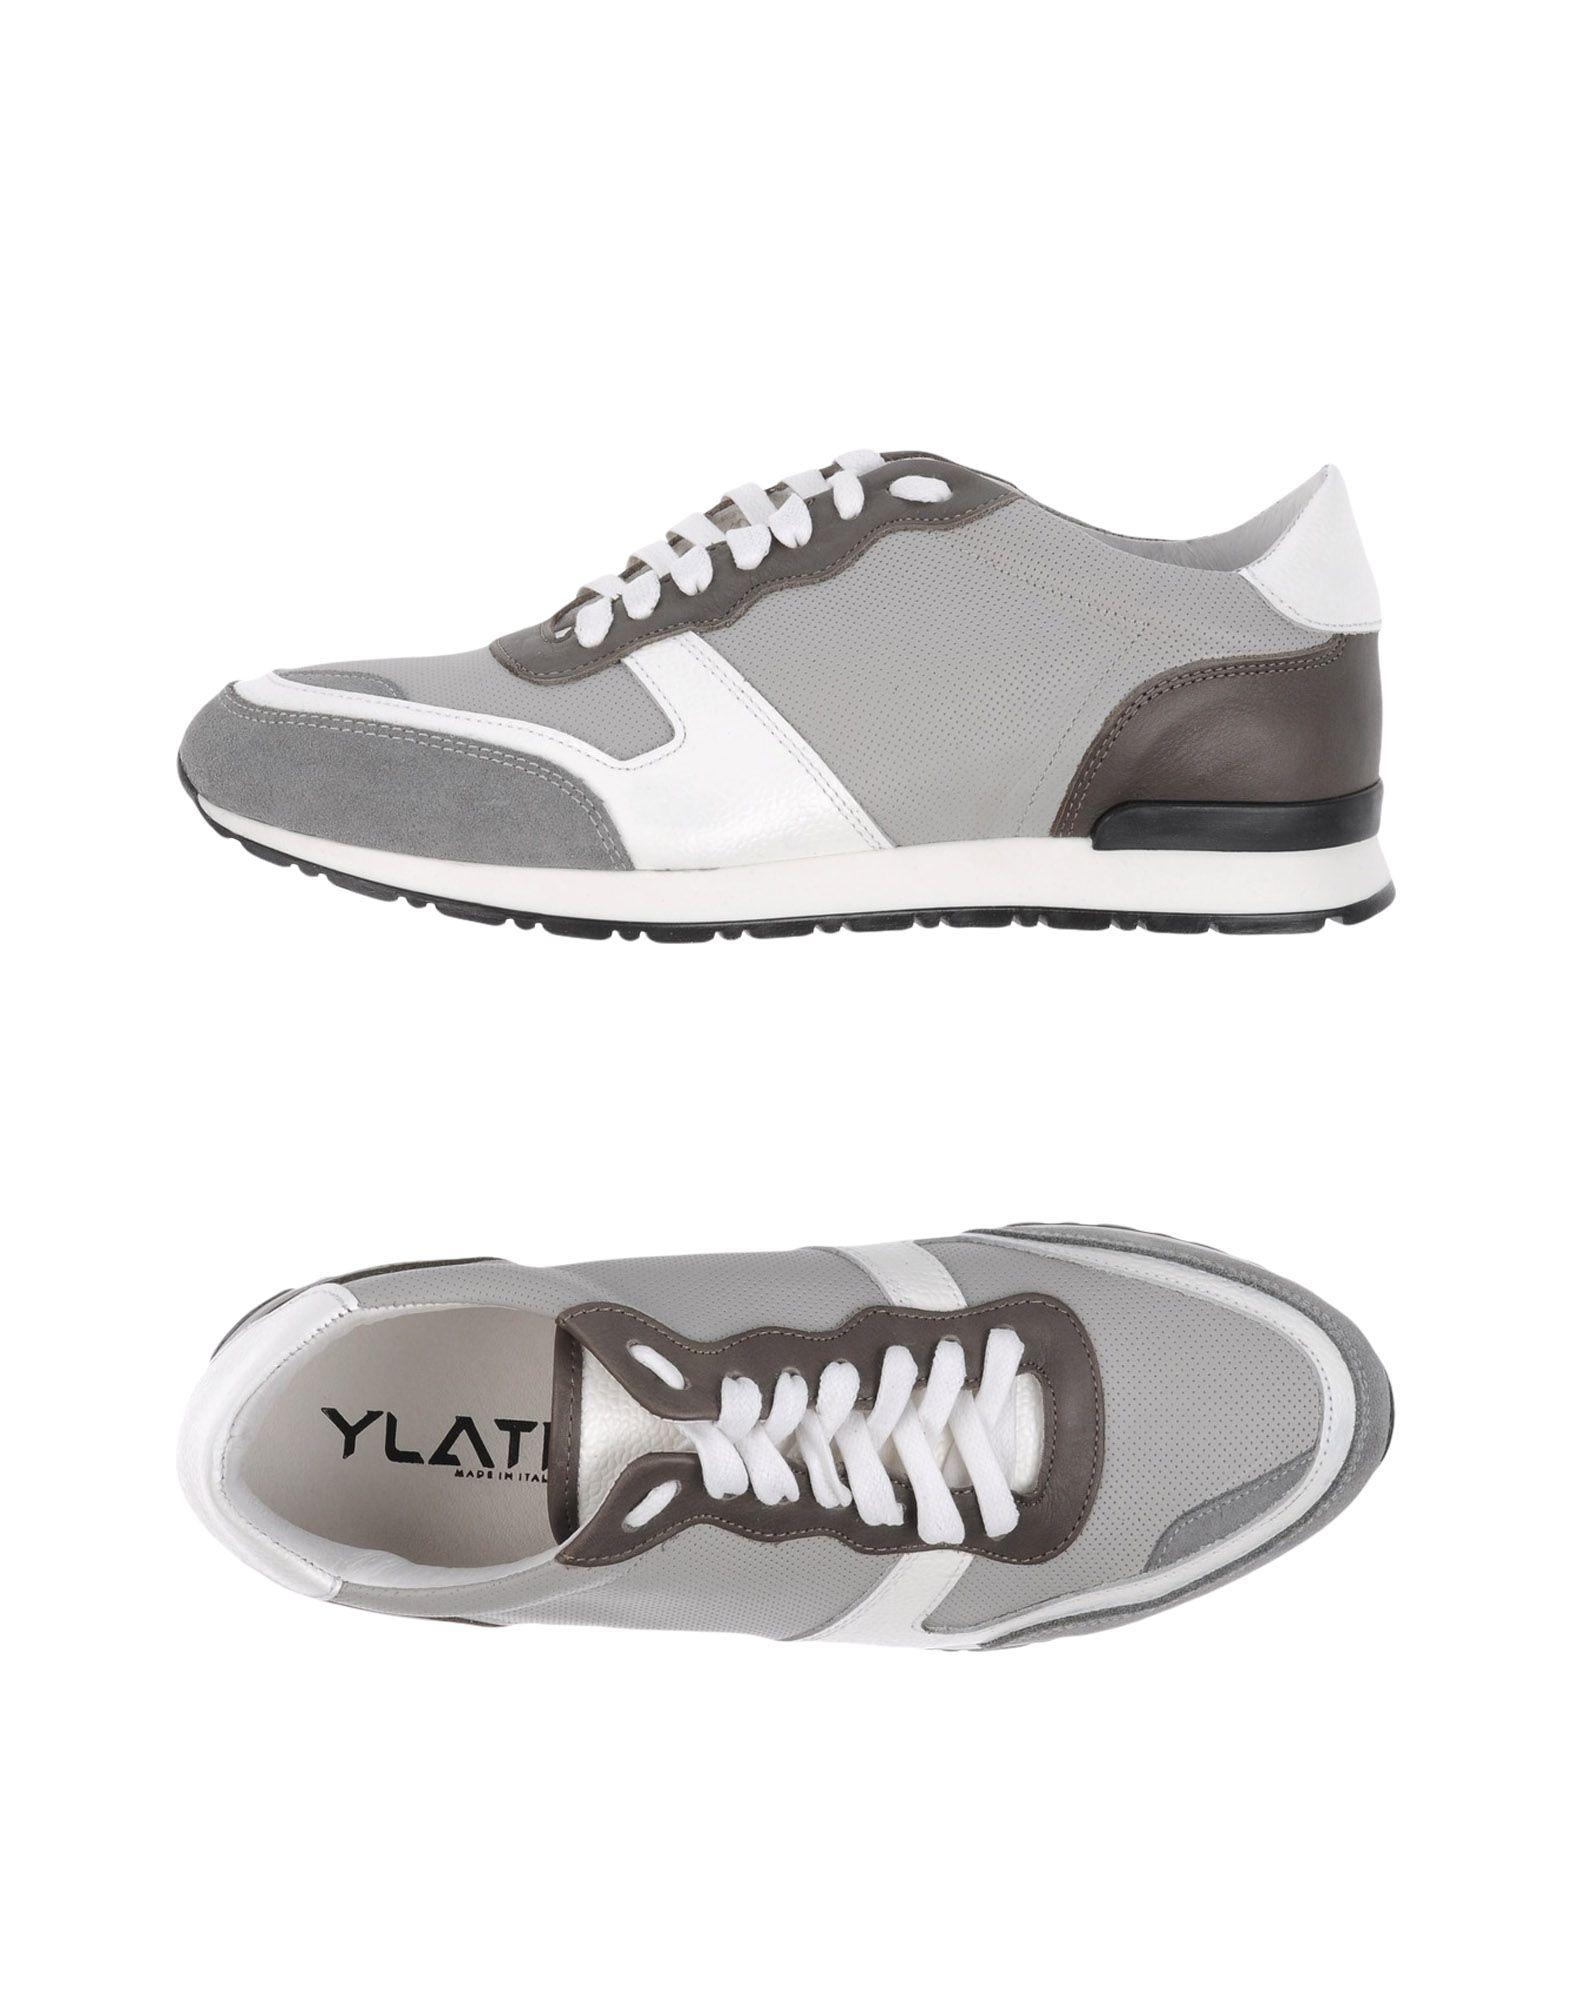 YLATI Sneakers in Light Grey